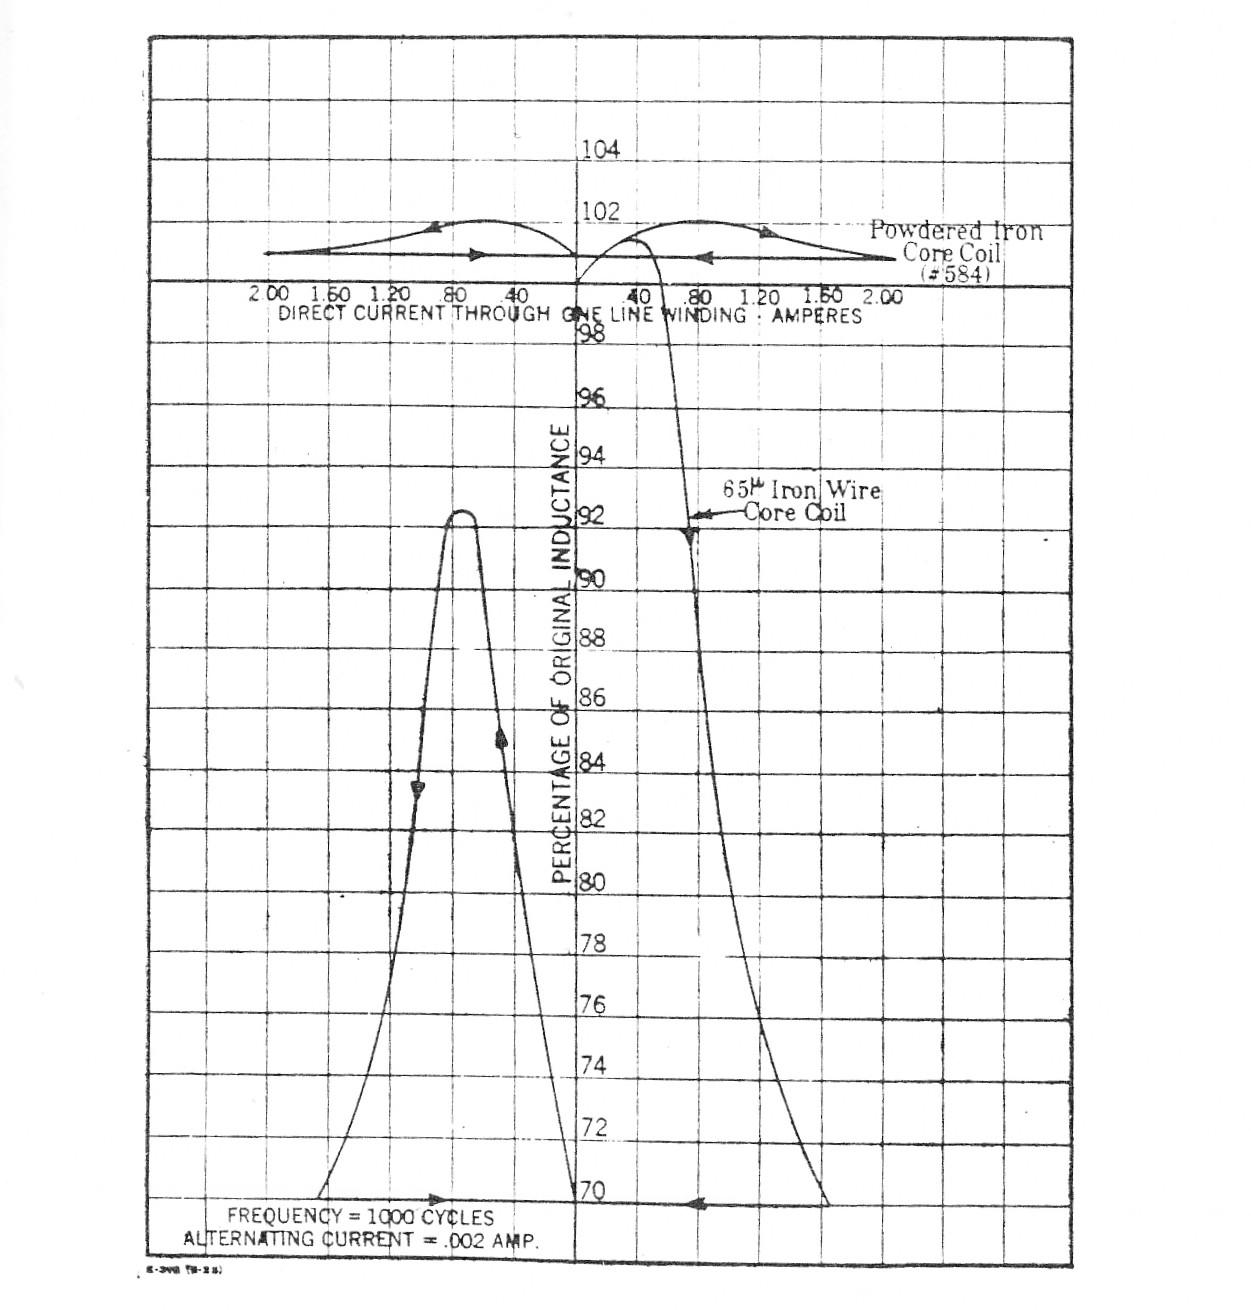 Permalloy LC vs. Wound Iron Core